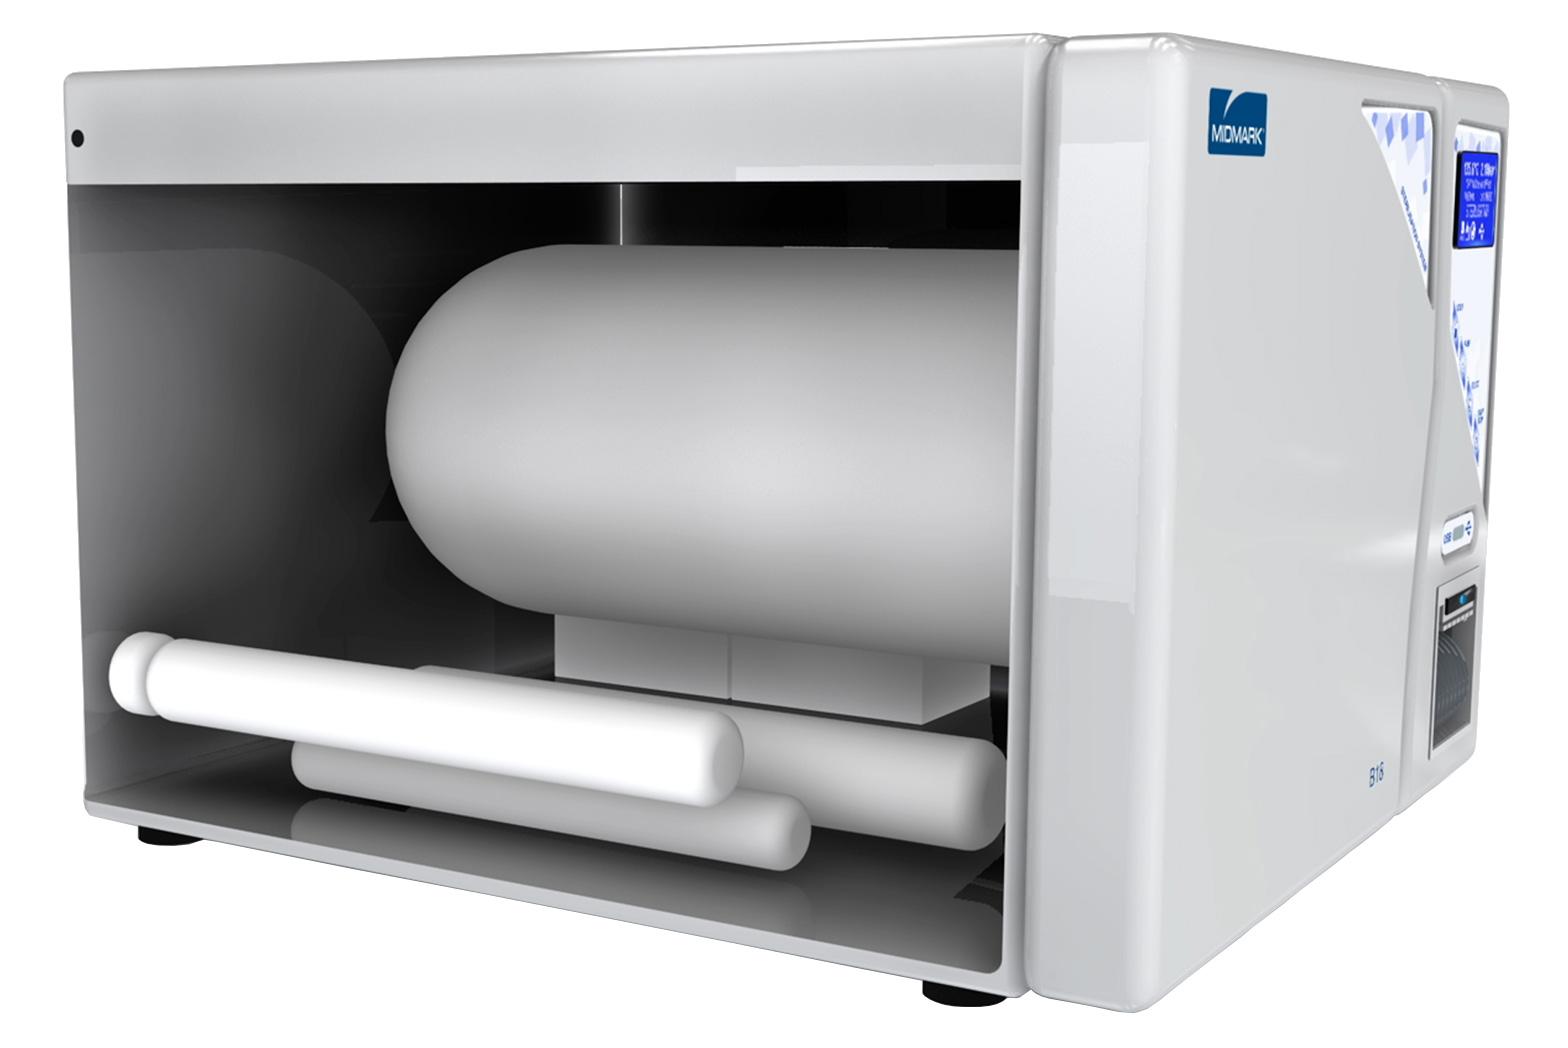 ROSI est constitué d'un système de trois cartouches qui permettent de purifier l'eau en profondeur